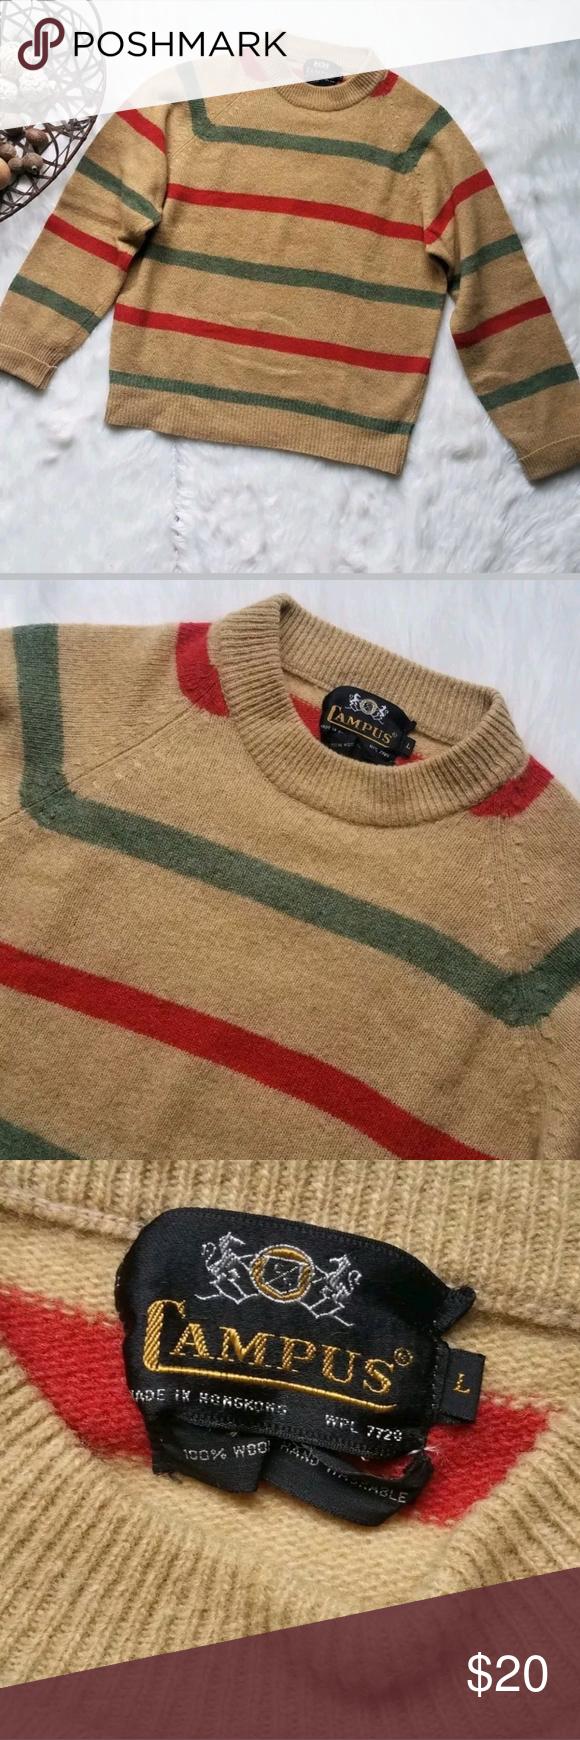 4c05e6e160c635 Vintage Campus multicolor striped sweater Vintage Campus multicolor striped